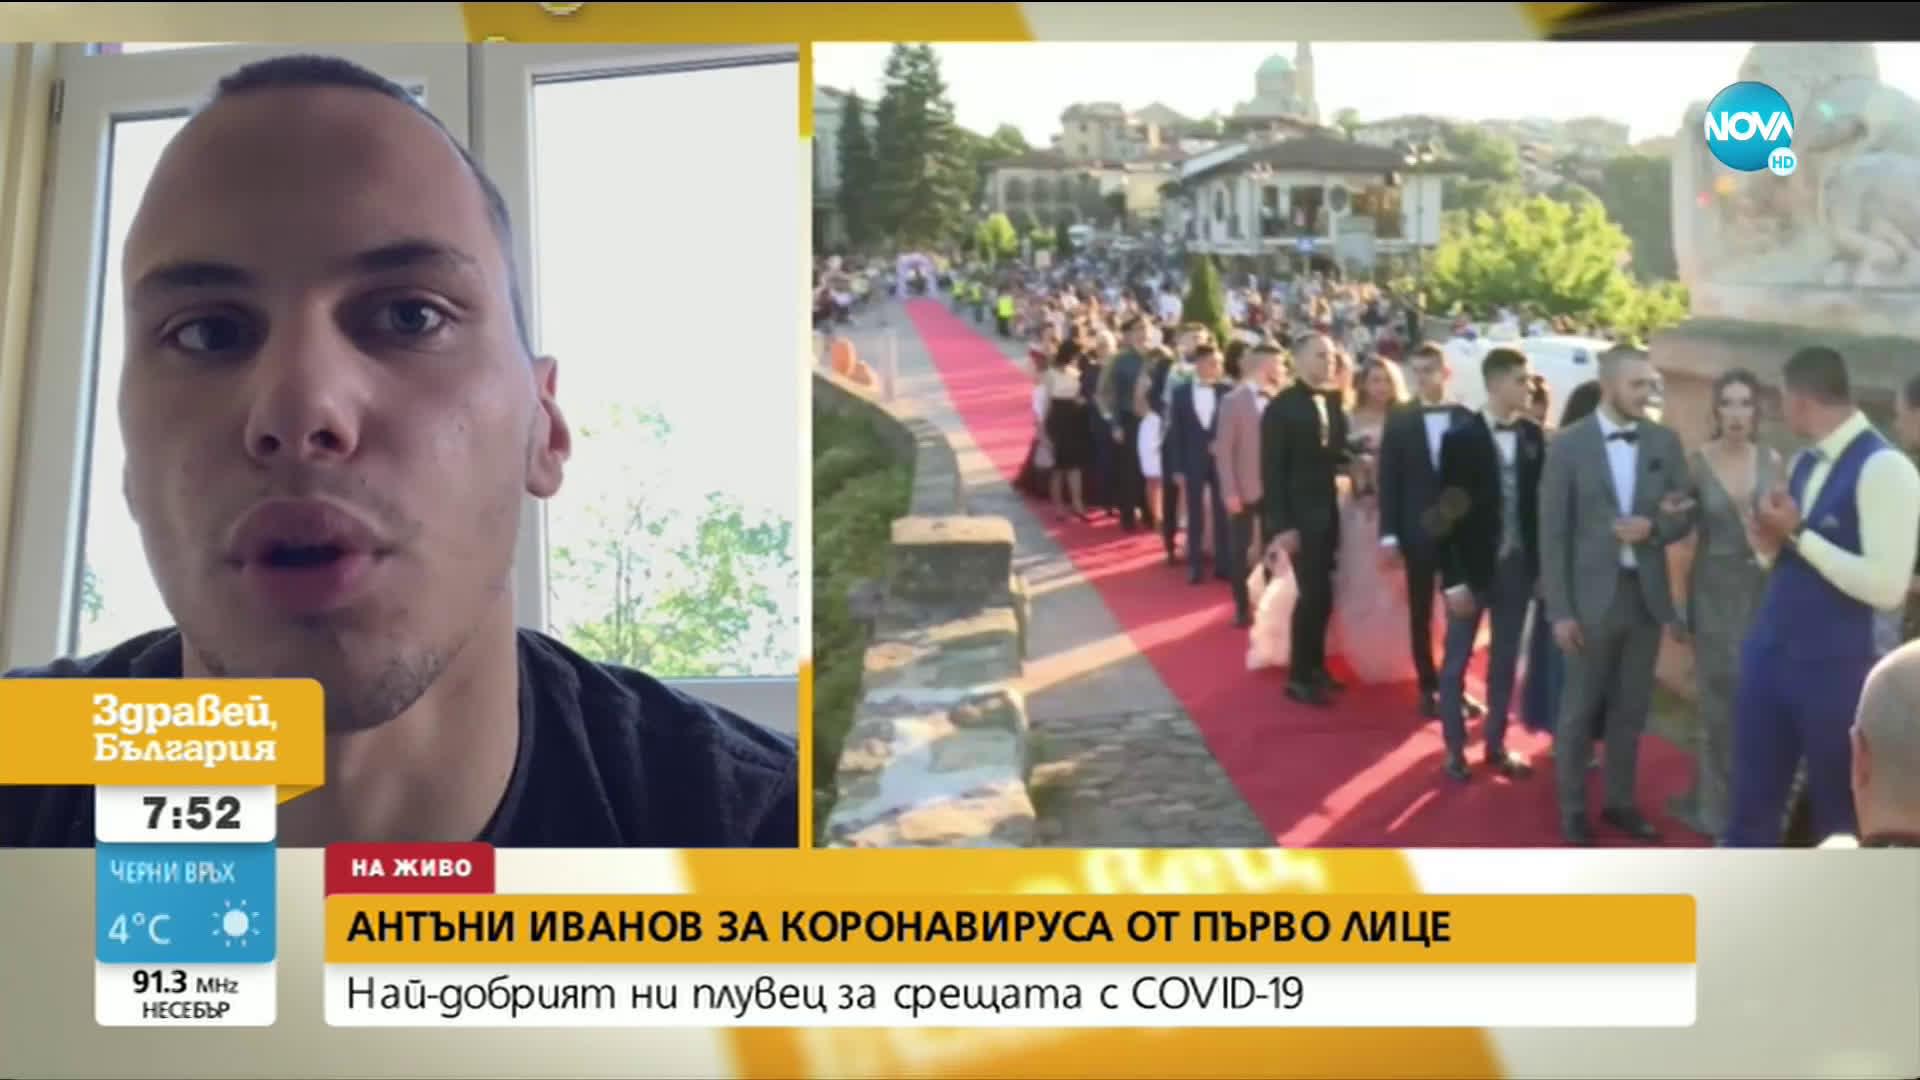 Антъни Иванов бил с опасно висока температура в първите дни на боледуването от COVID-19